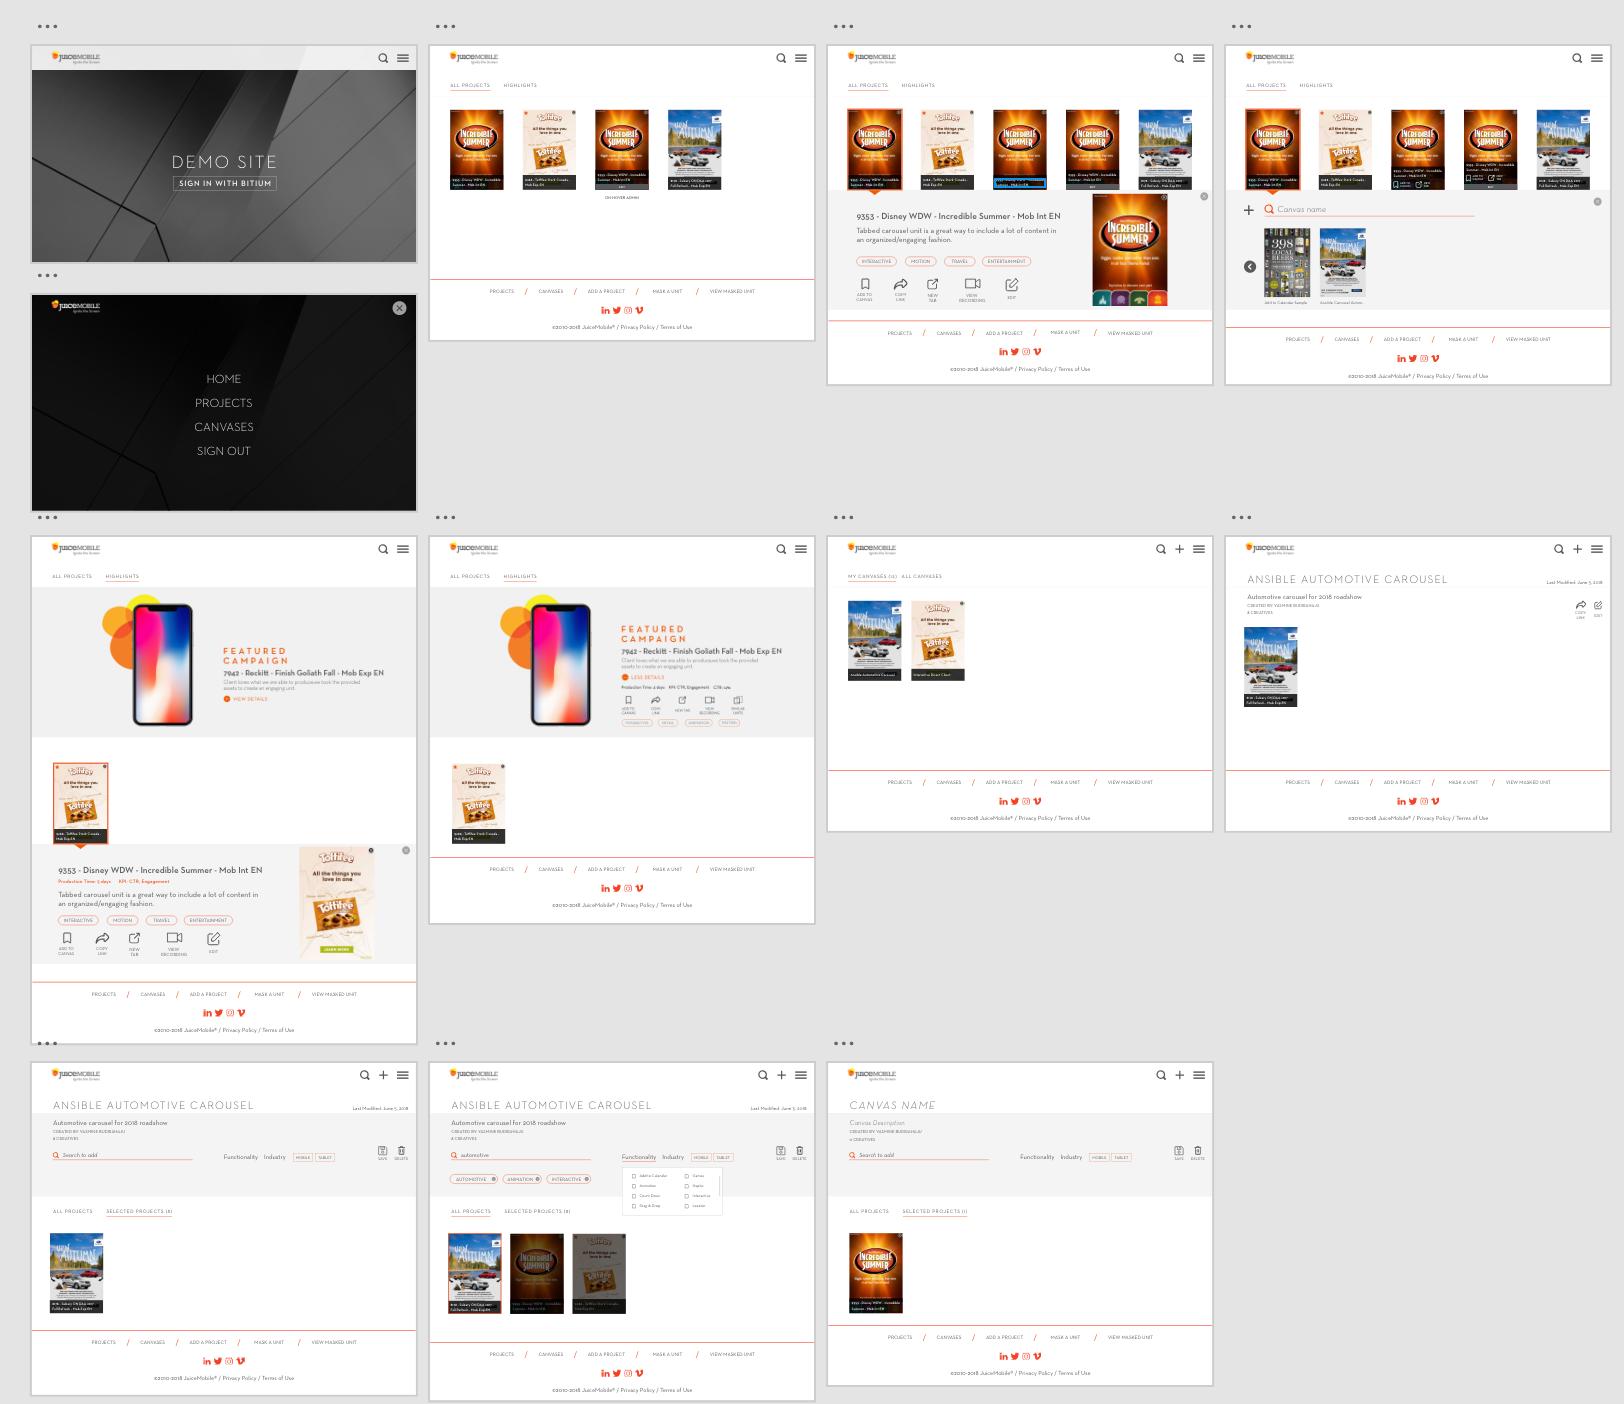 desktop-prototype_1.png